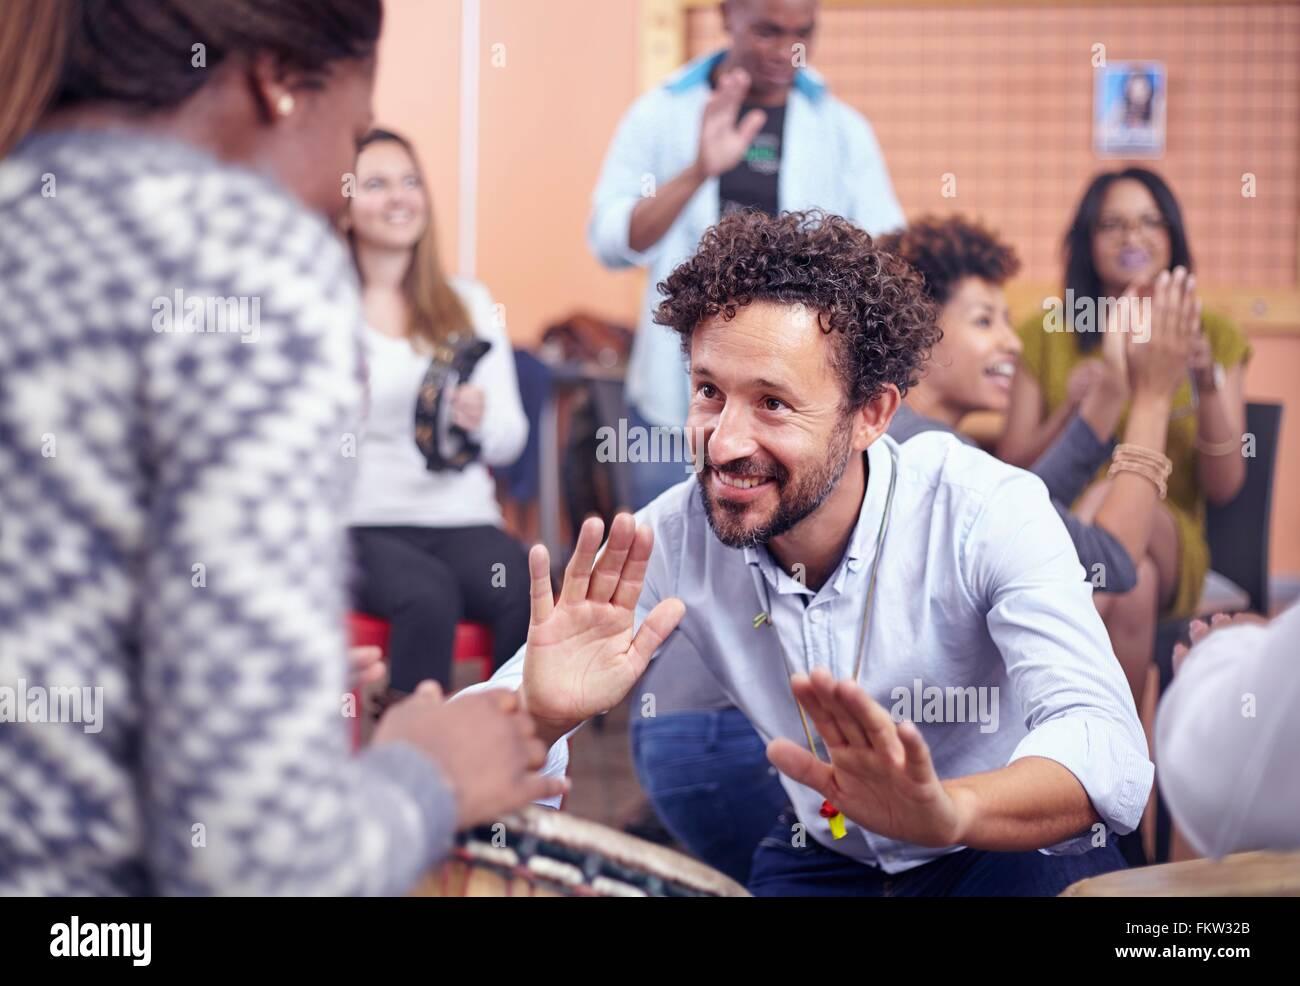 Freunde Musizieren und tanzen, Lächeln Stockbild